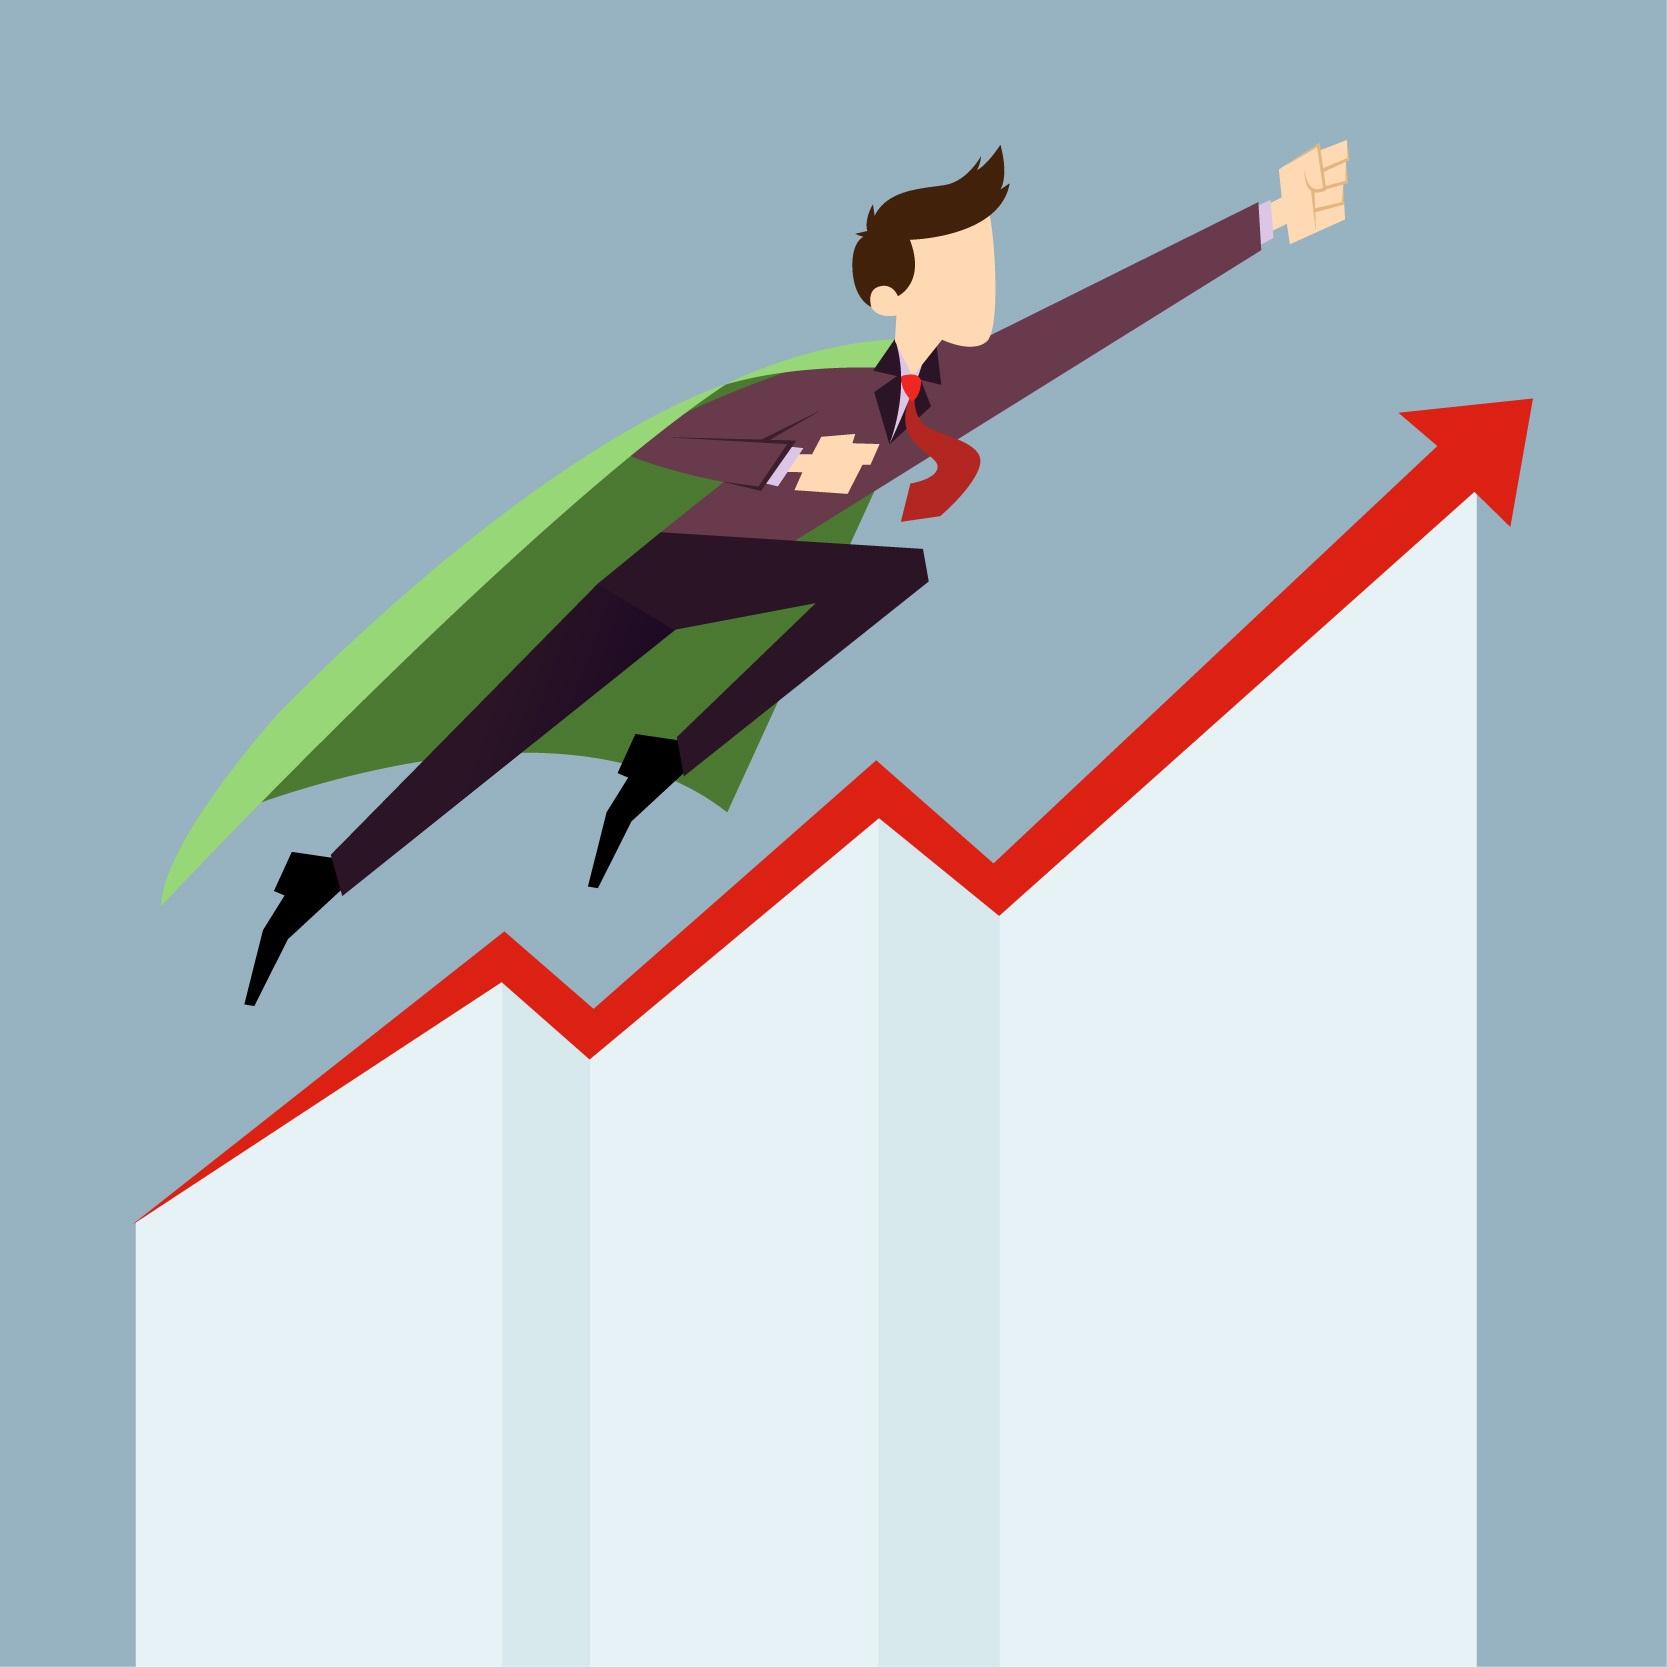 Saiba o que são KPIs e porque elas são tão importantes para seu negócio